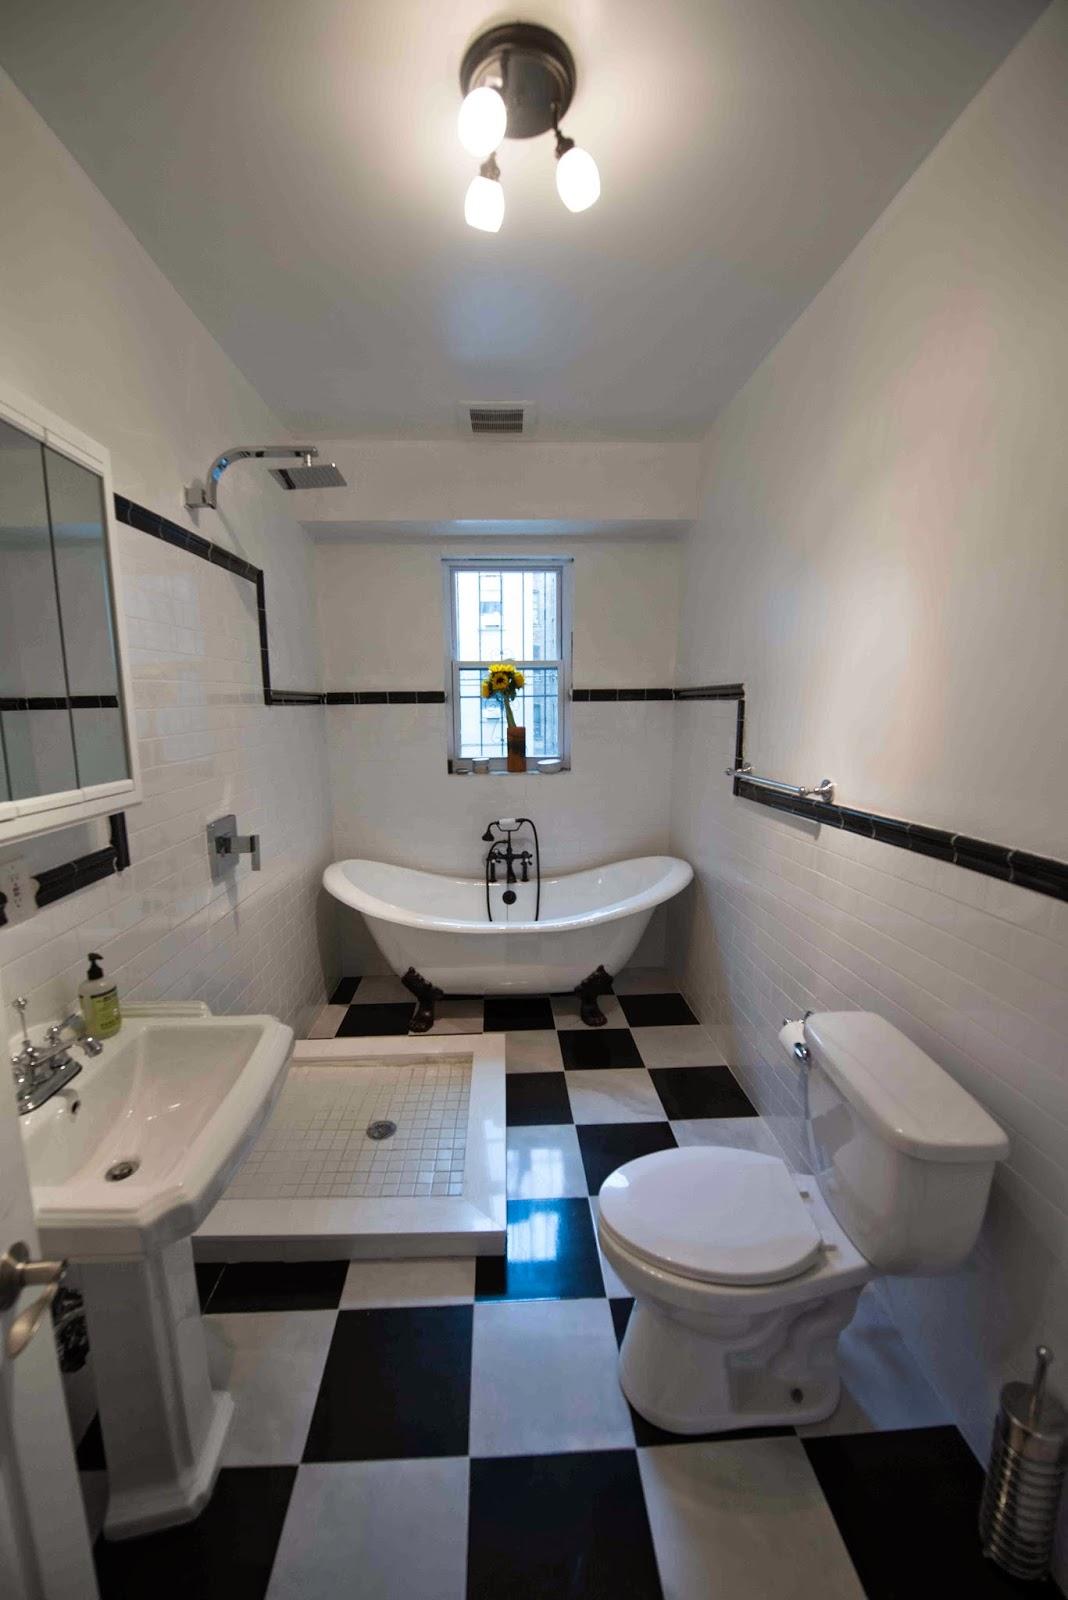 Drömmen om ett hus i New York: Vårt nya badrum är klart!